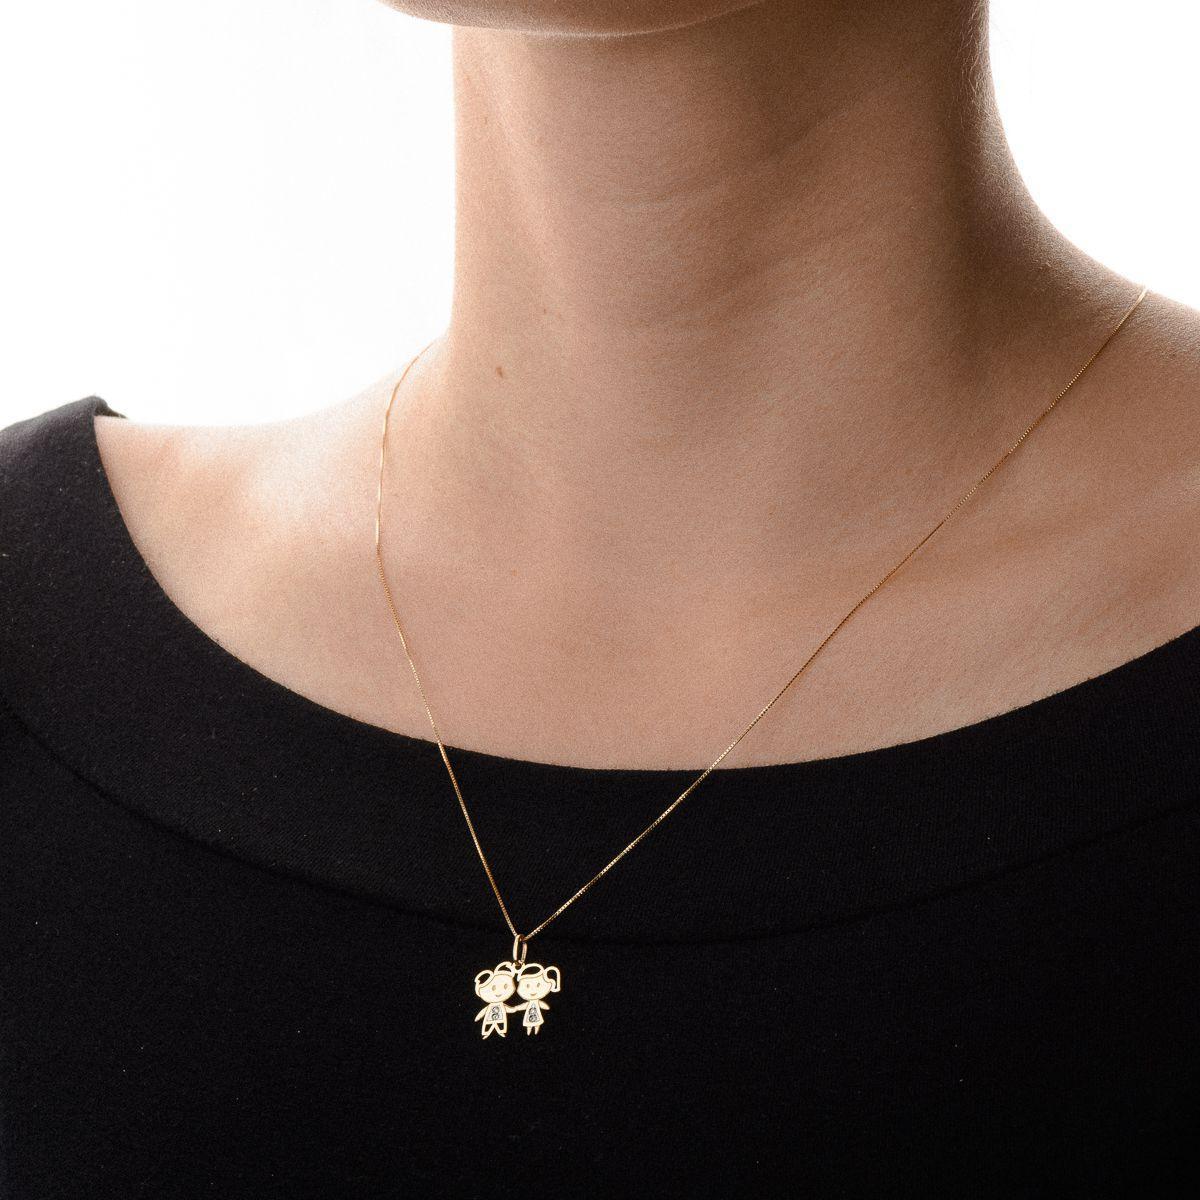 a06705dce53cd Pingente de Ouro 18k Casal Menino e Menina com Diamante pi19000 - Joiasgold  R  675